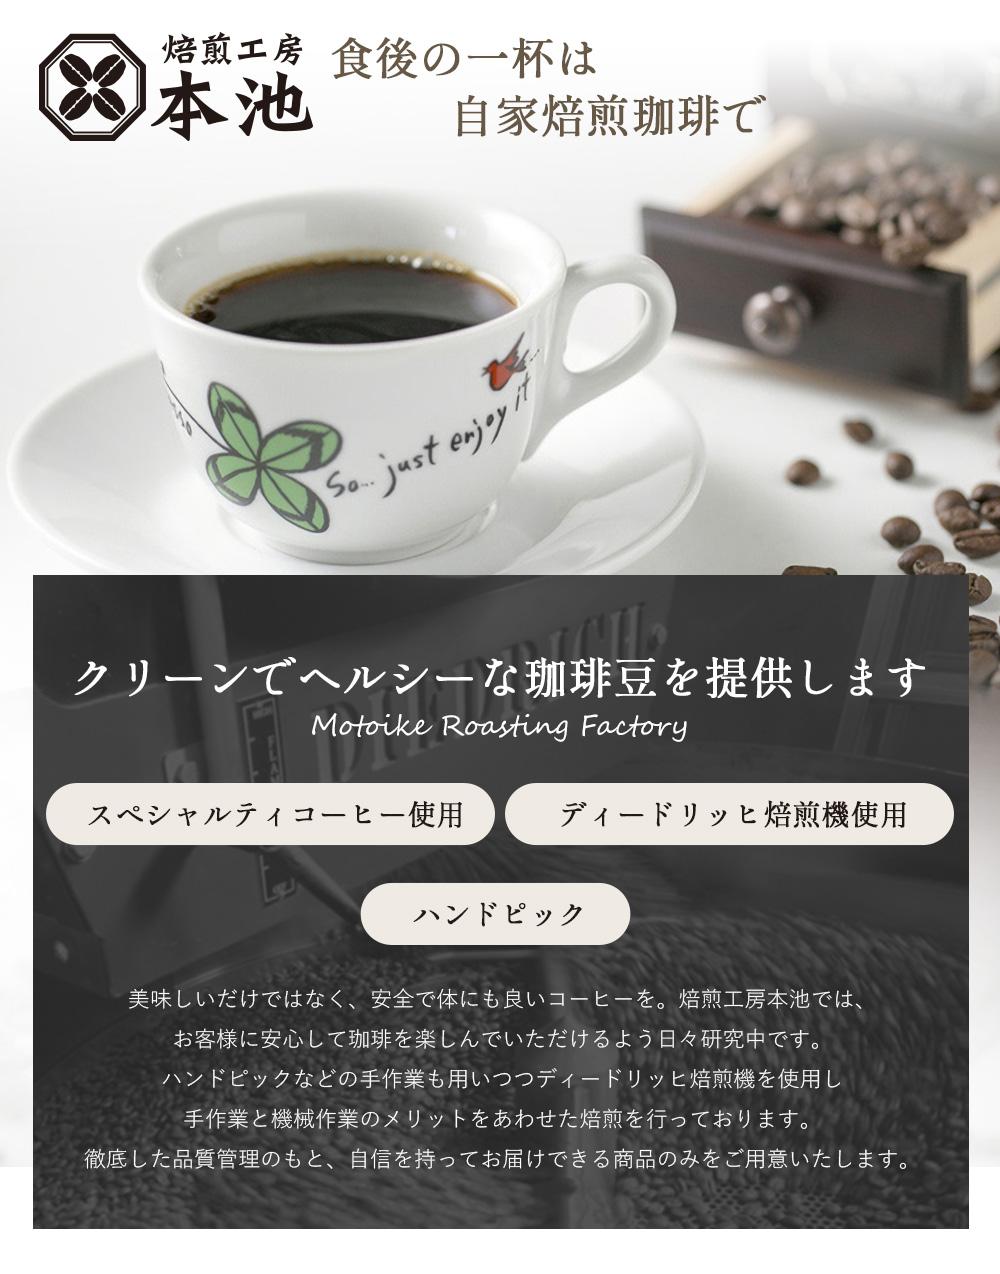 クリーンでヘルシーな珈琲豆を提供します